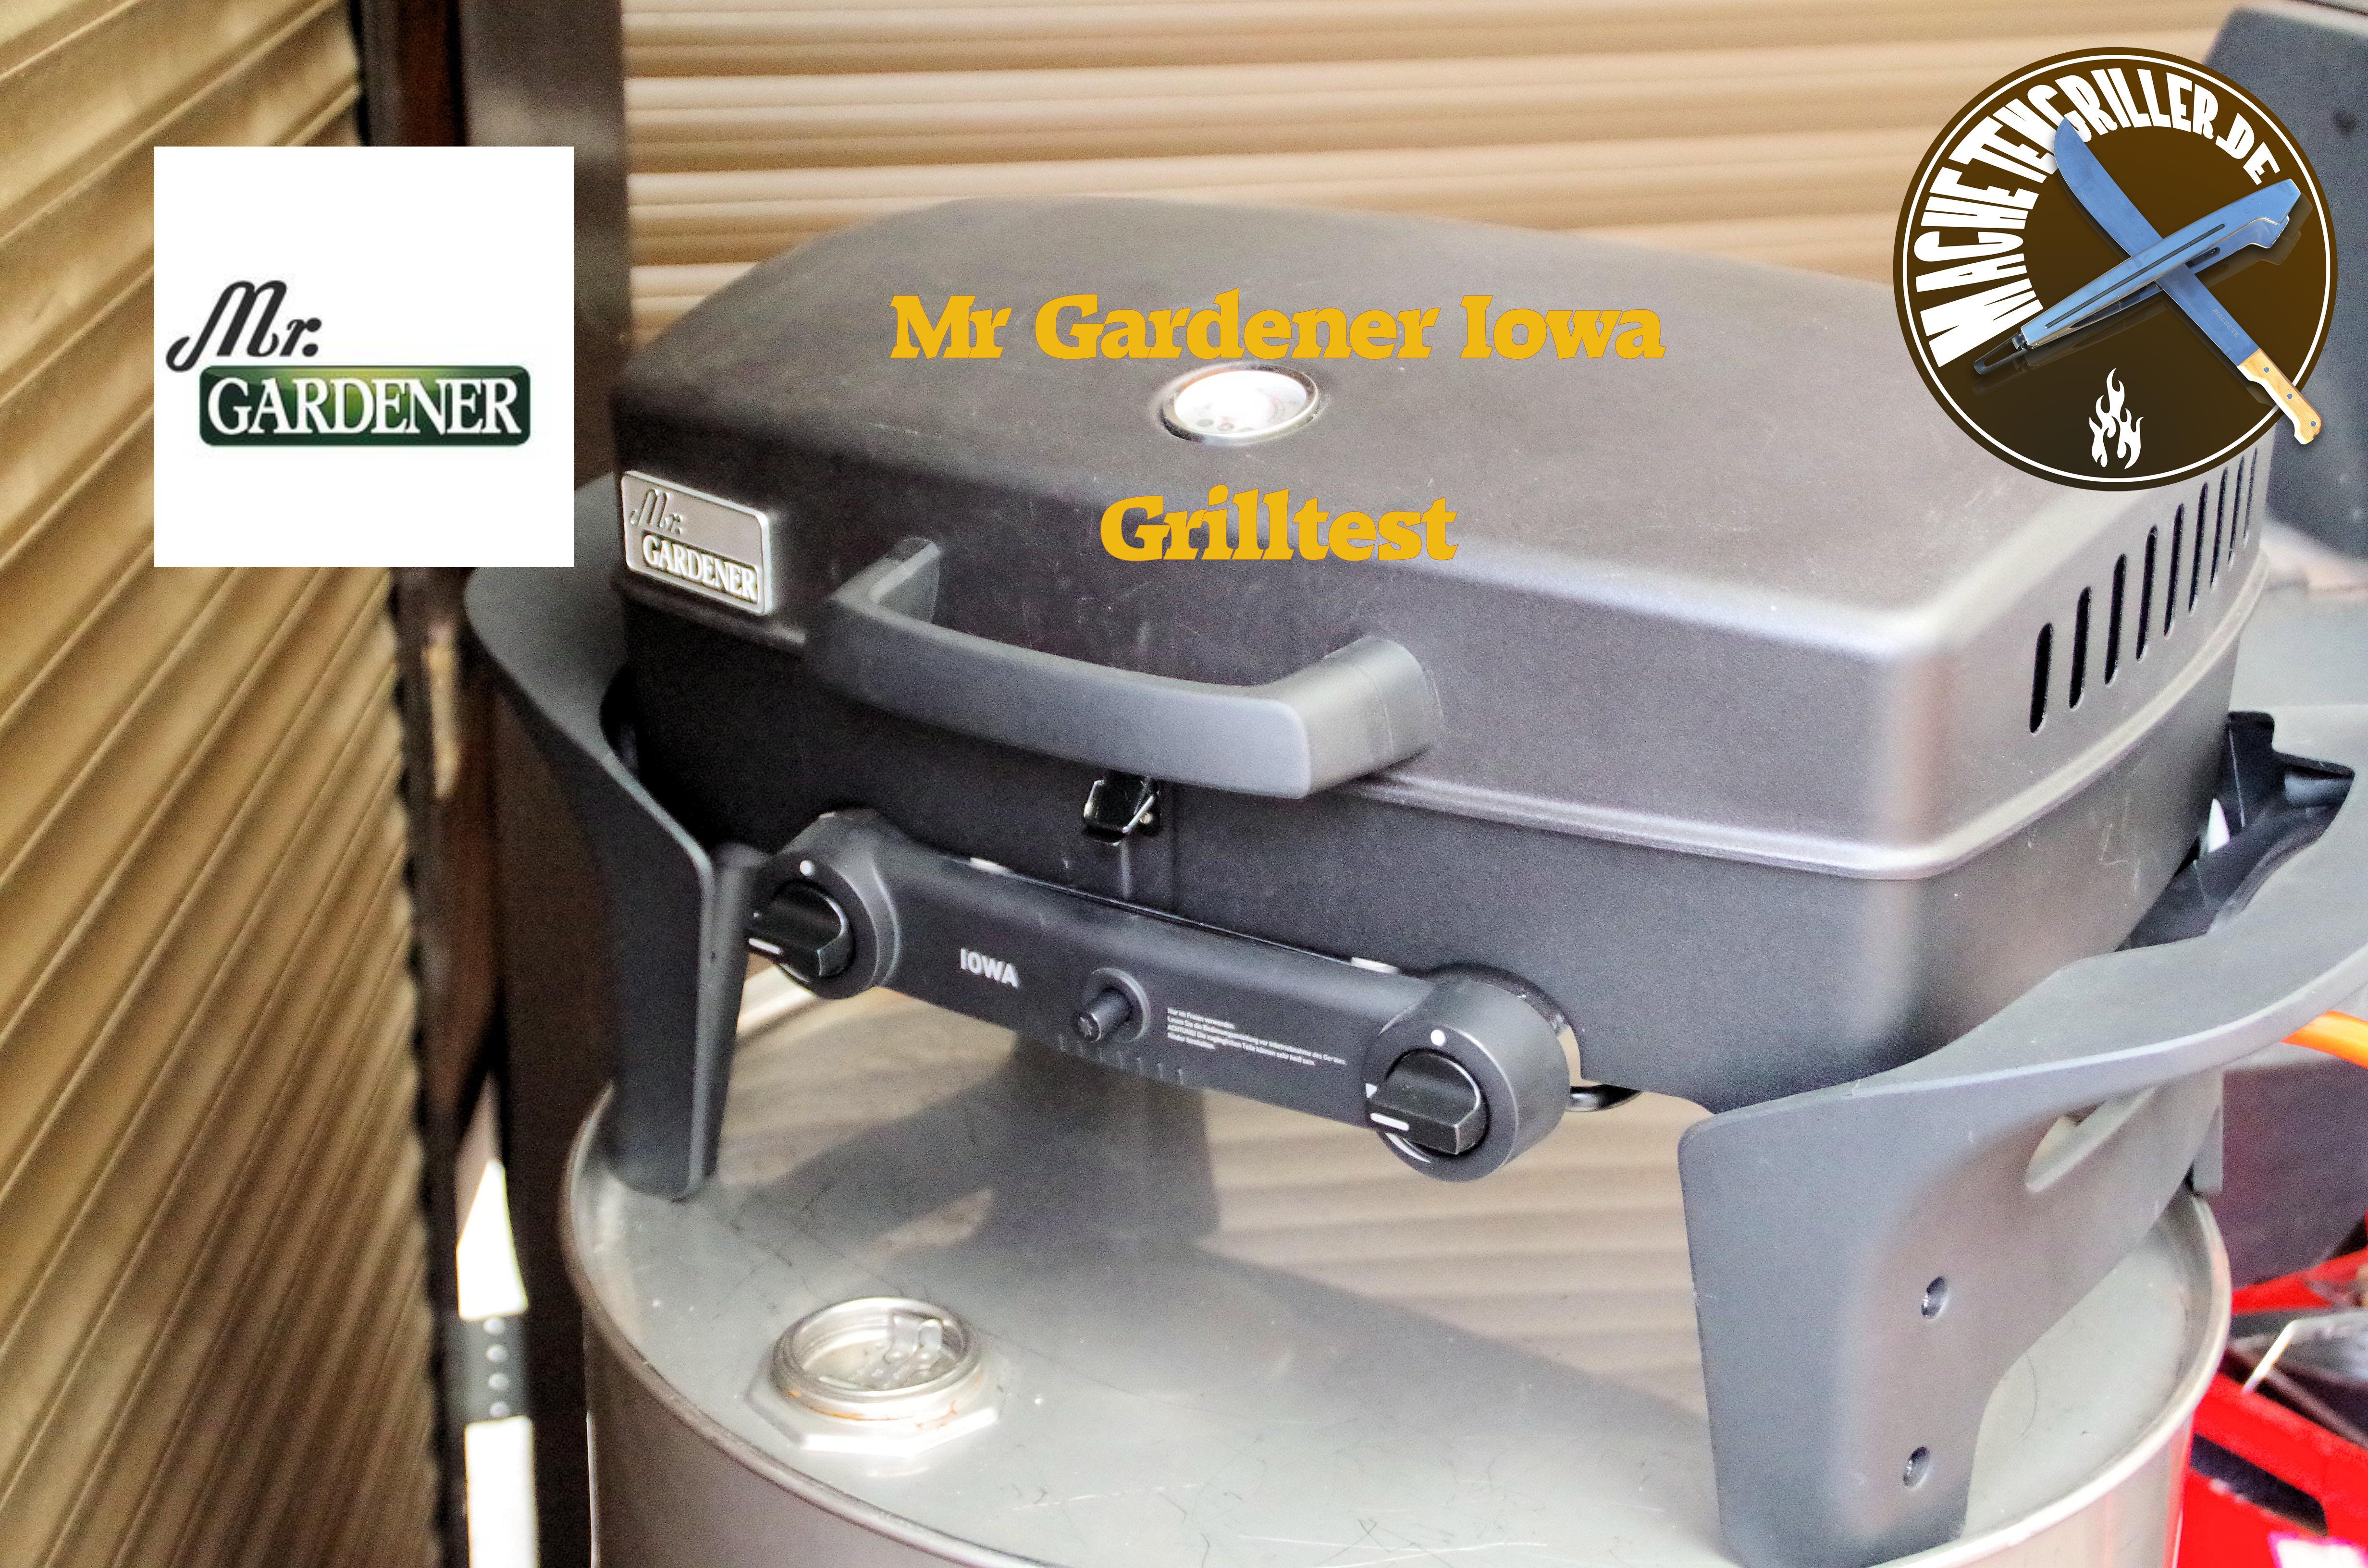 mr-gardener-iowa